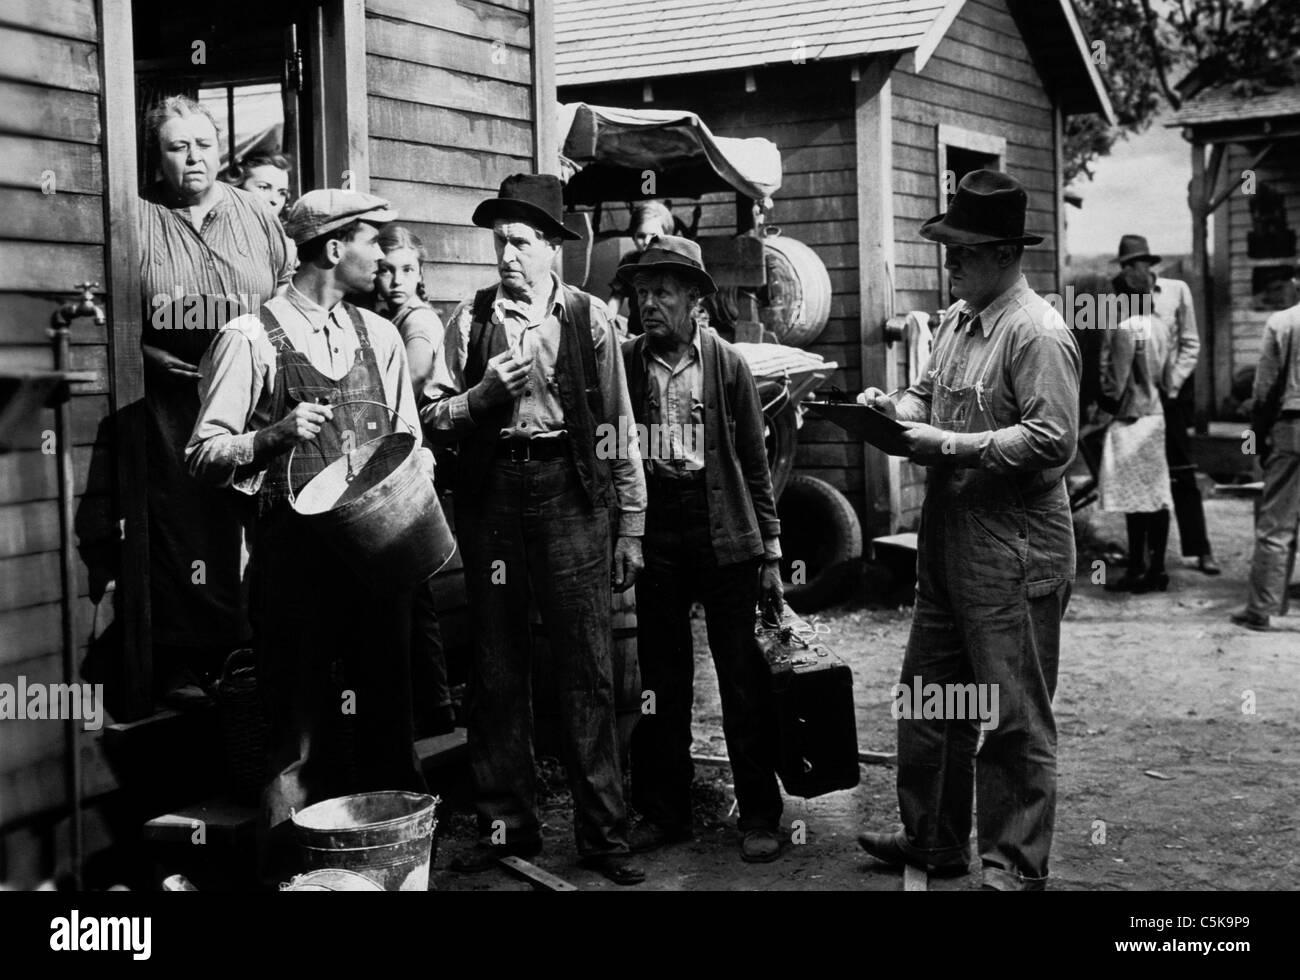 Le uve di ira Anno: 1940 USA Direttore: John Ford Jane Darwell, Henry Fonda basato su John Steinbeck Immagini Stock